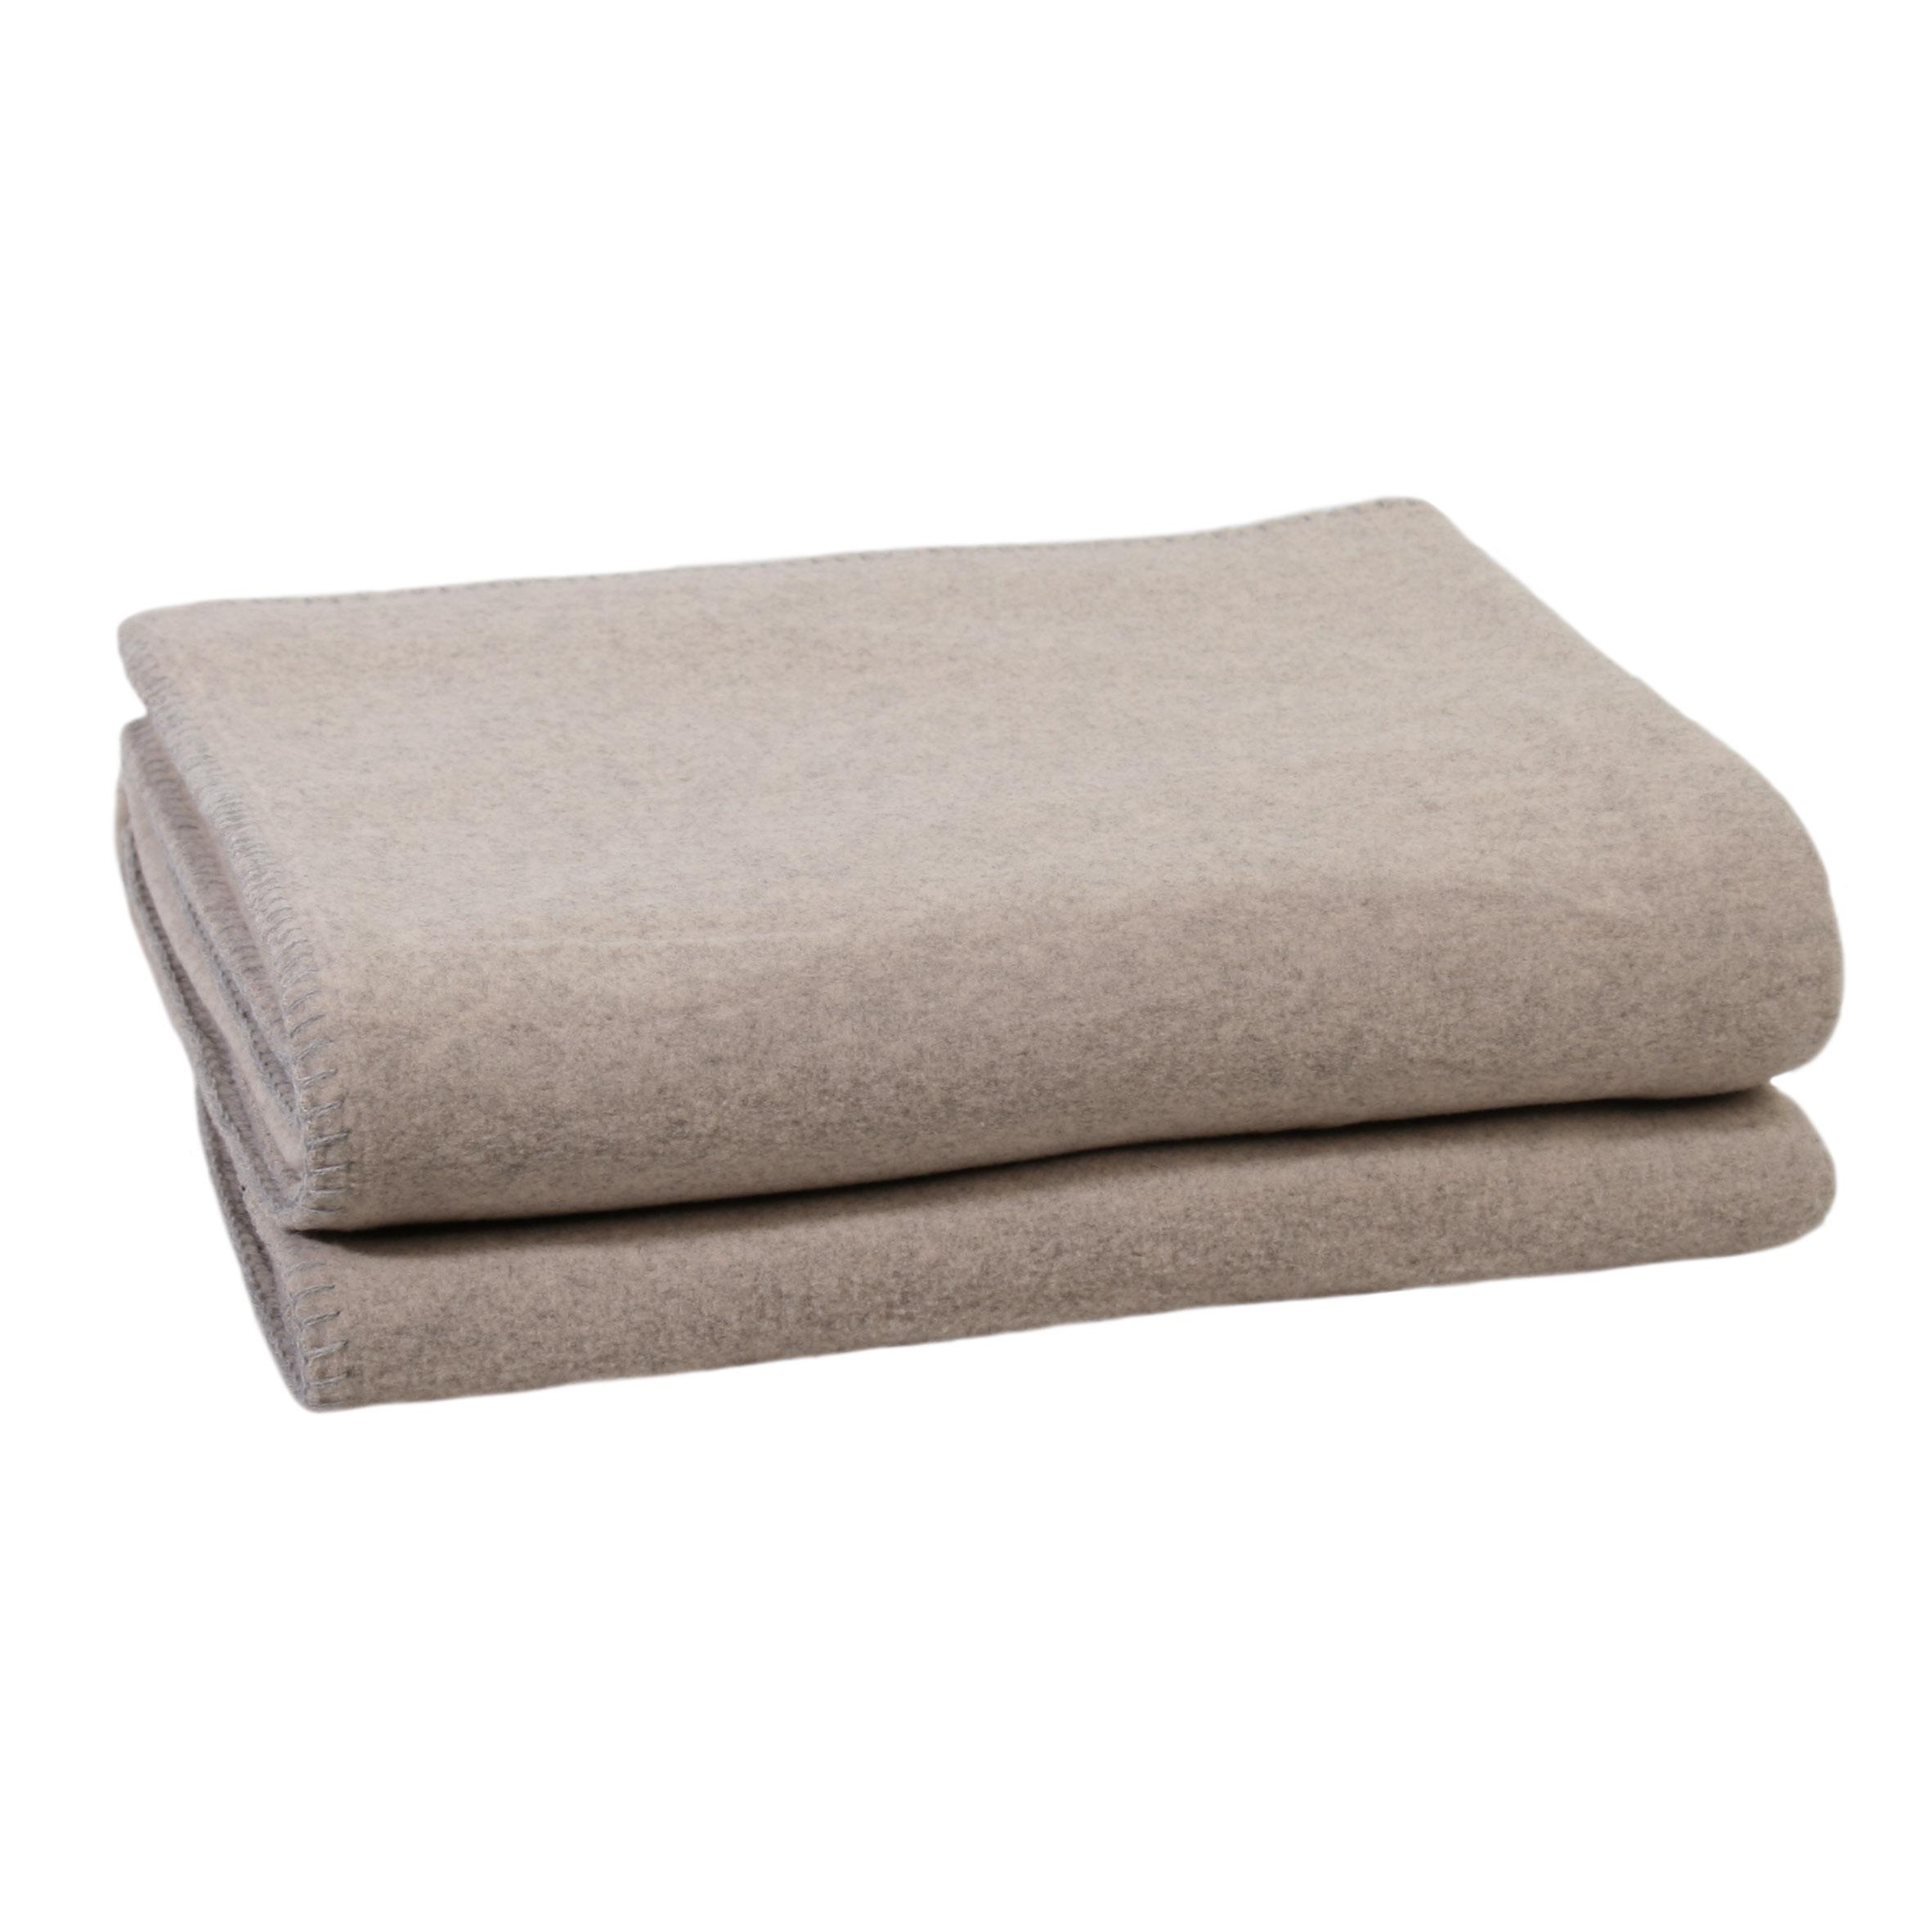 Bezaubernd Decke Beige Dekoration Von Zoeppritz Soft Wool